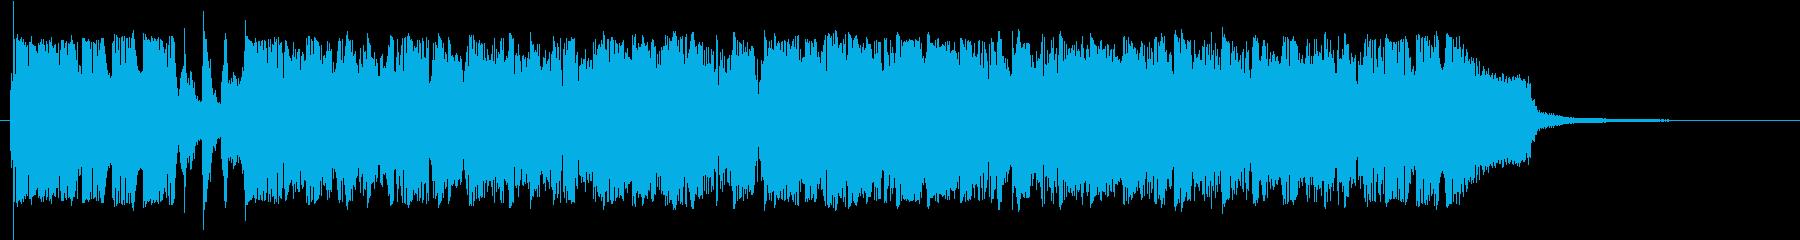 カッコよくてとにかく勢いのあるジングルの再生済みの波形